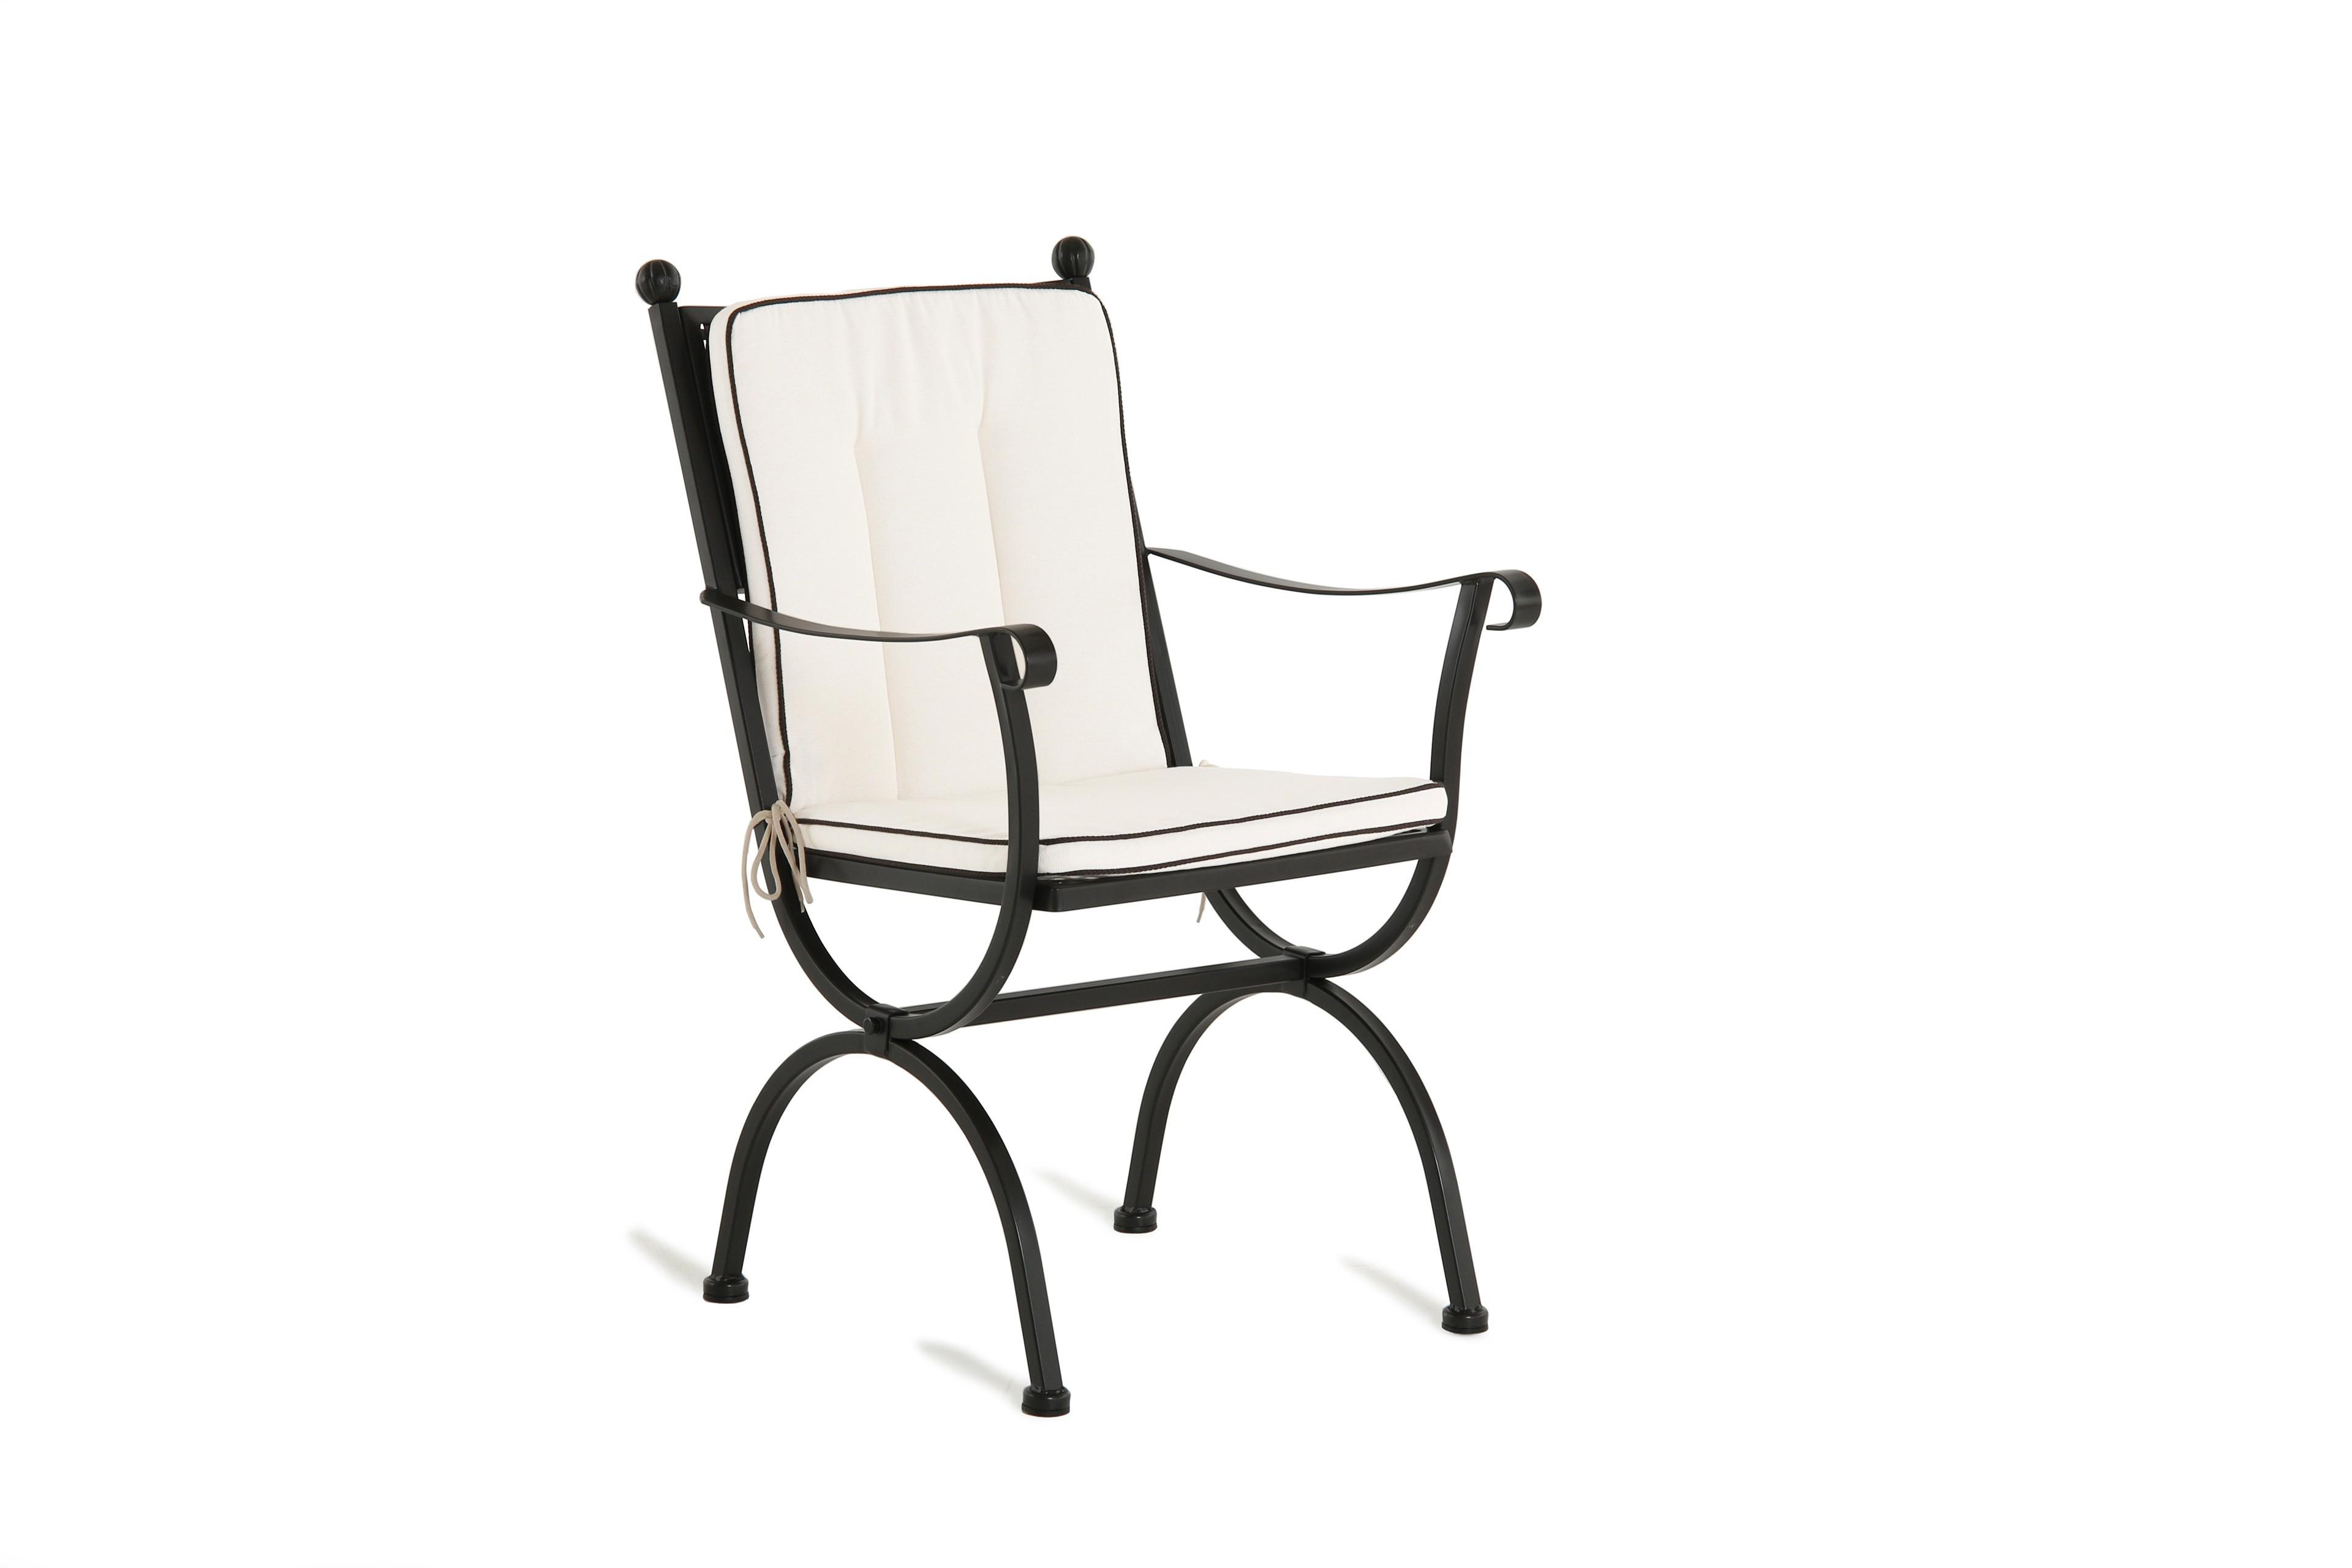 mbm gartenm bel set romeo aus schmiedeeisen m bel letz ihr online shop. Black Bedroom Furniture Sets. Home Design Ideas